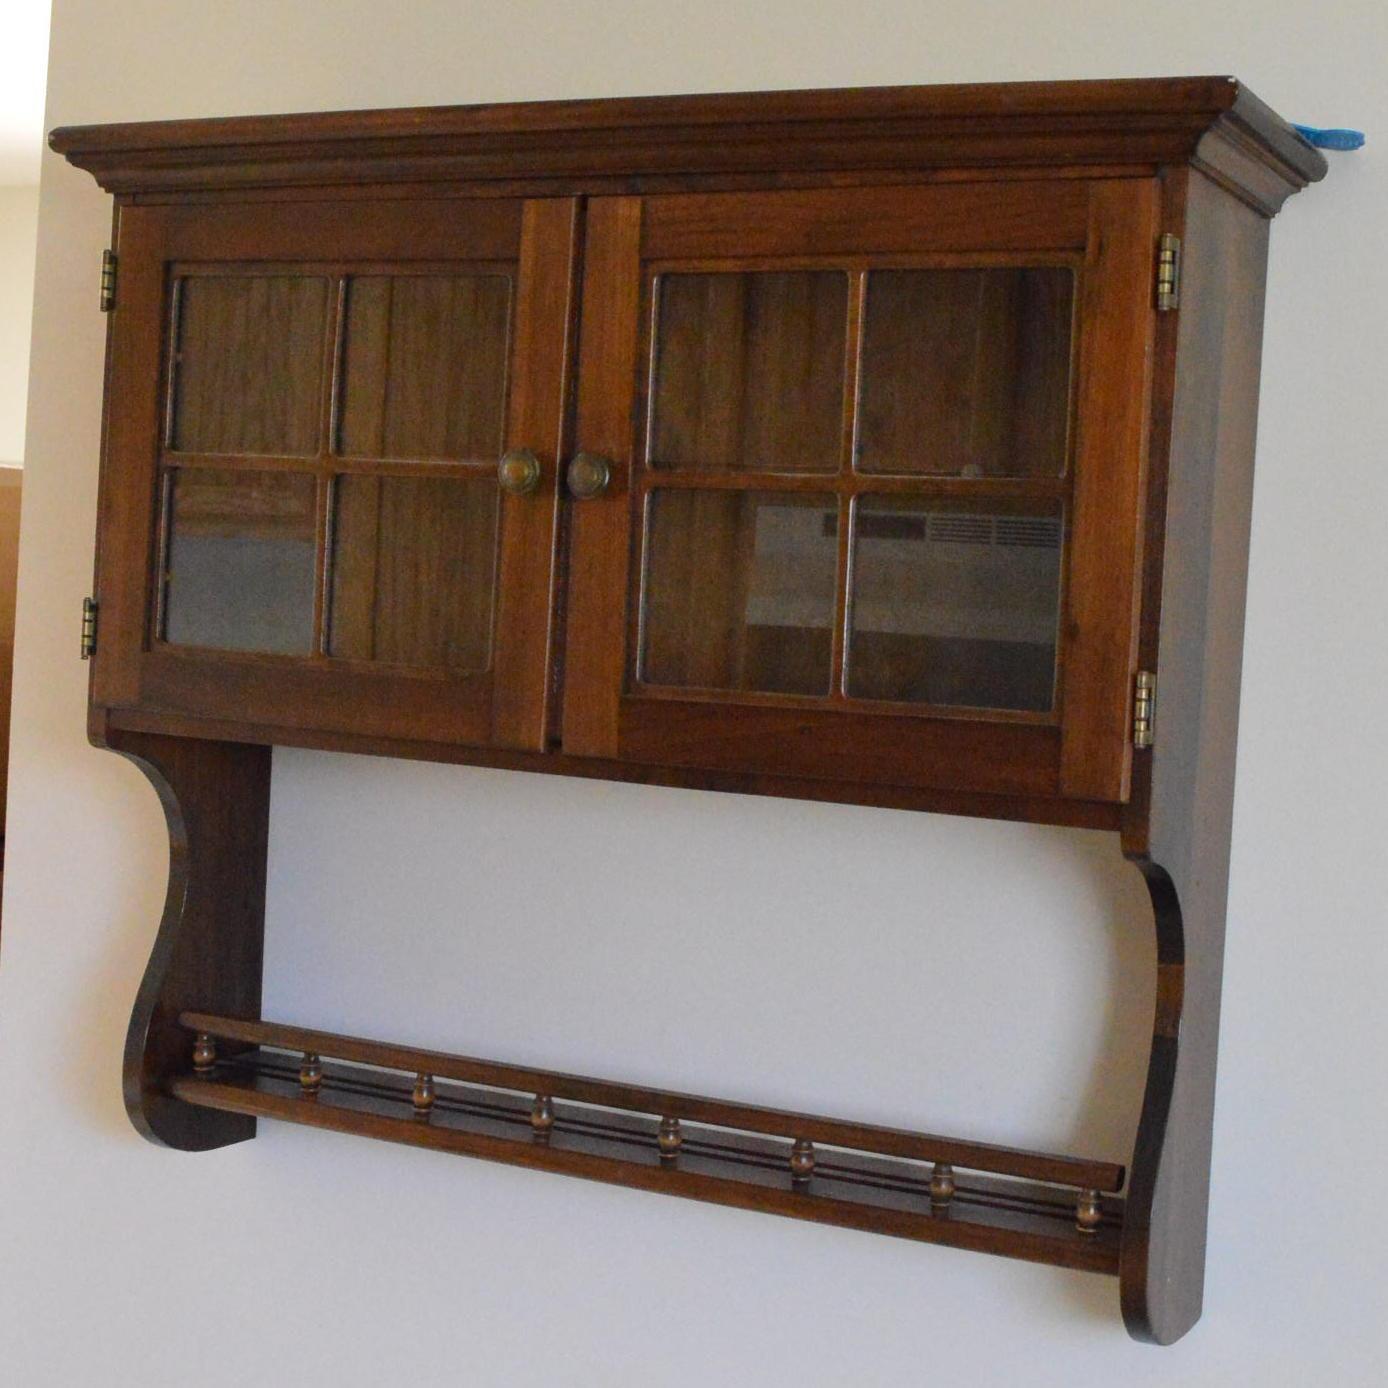 Vintage Hanging Curio Cabinet